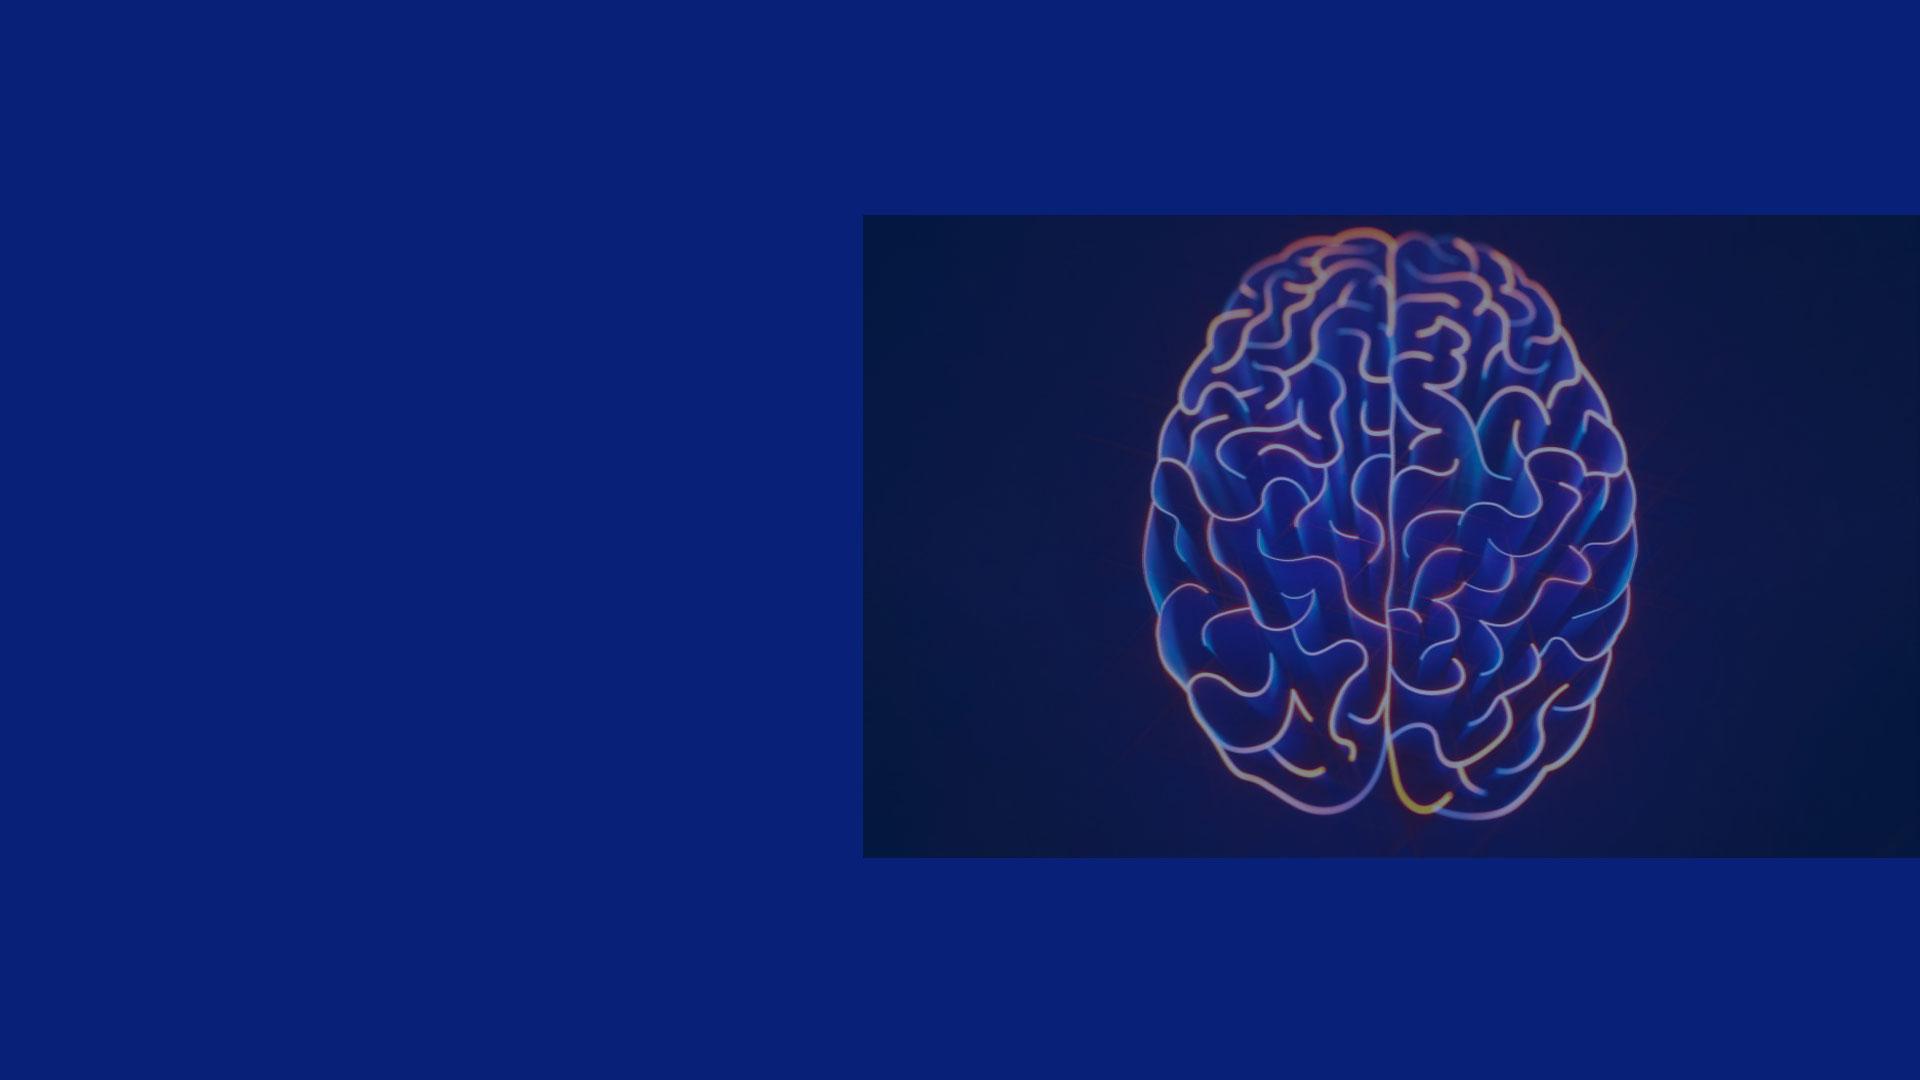 1η Επιστημονική εκδήλωση της Επιτροπής Έρευνας της Ελληνικής Νευροψυχολογικής Εταιρείας